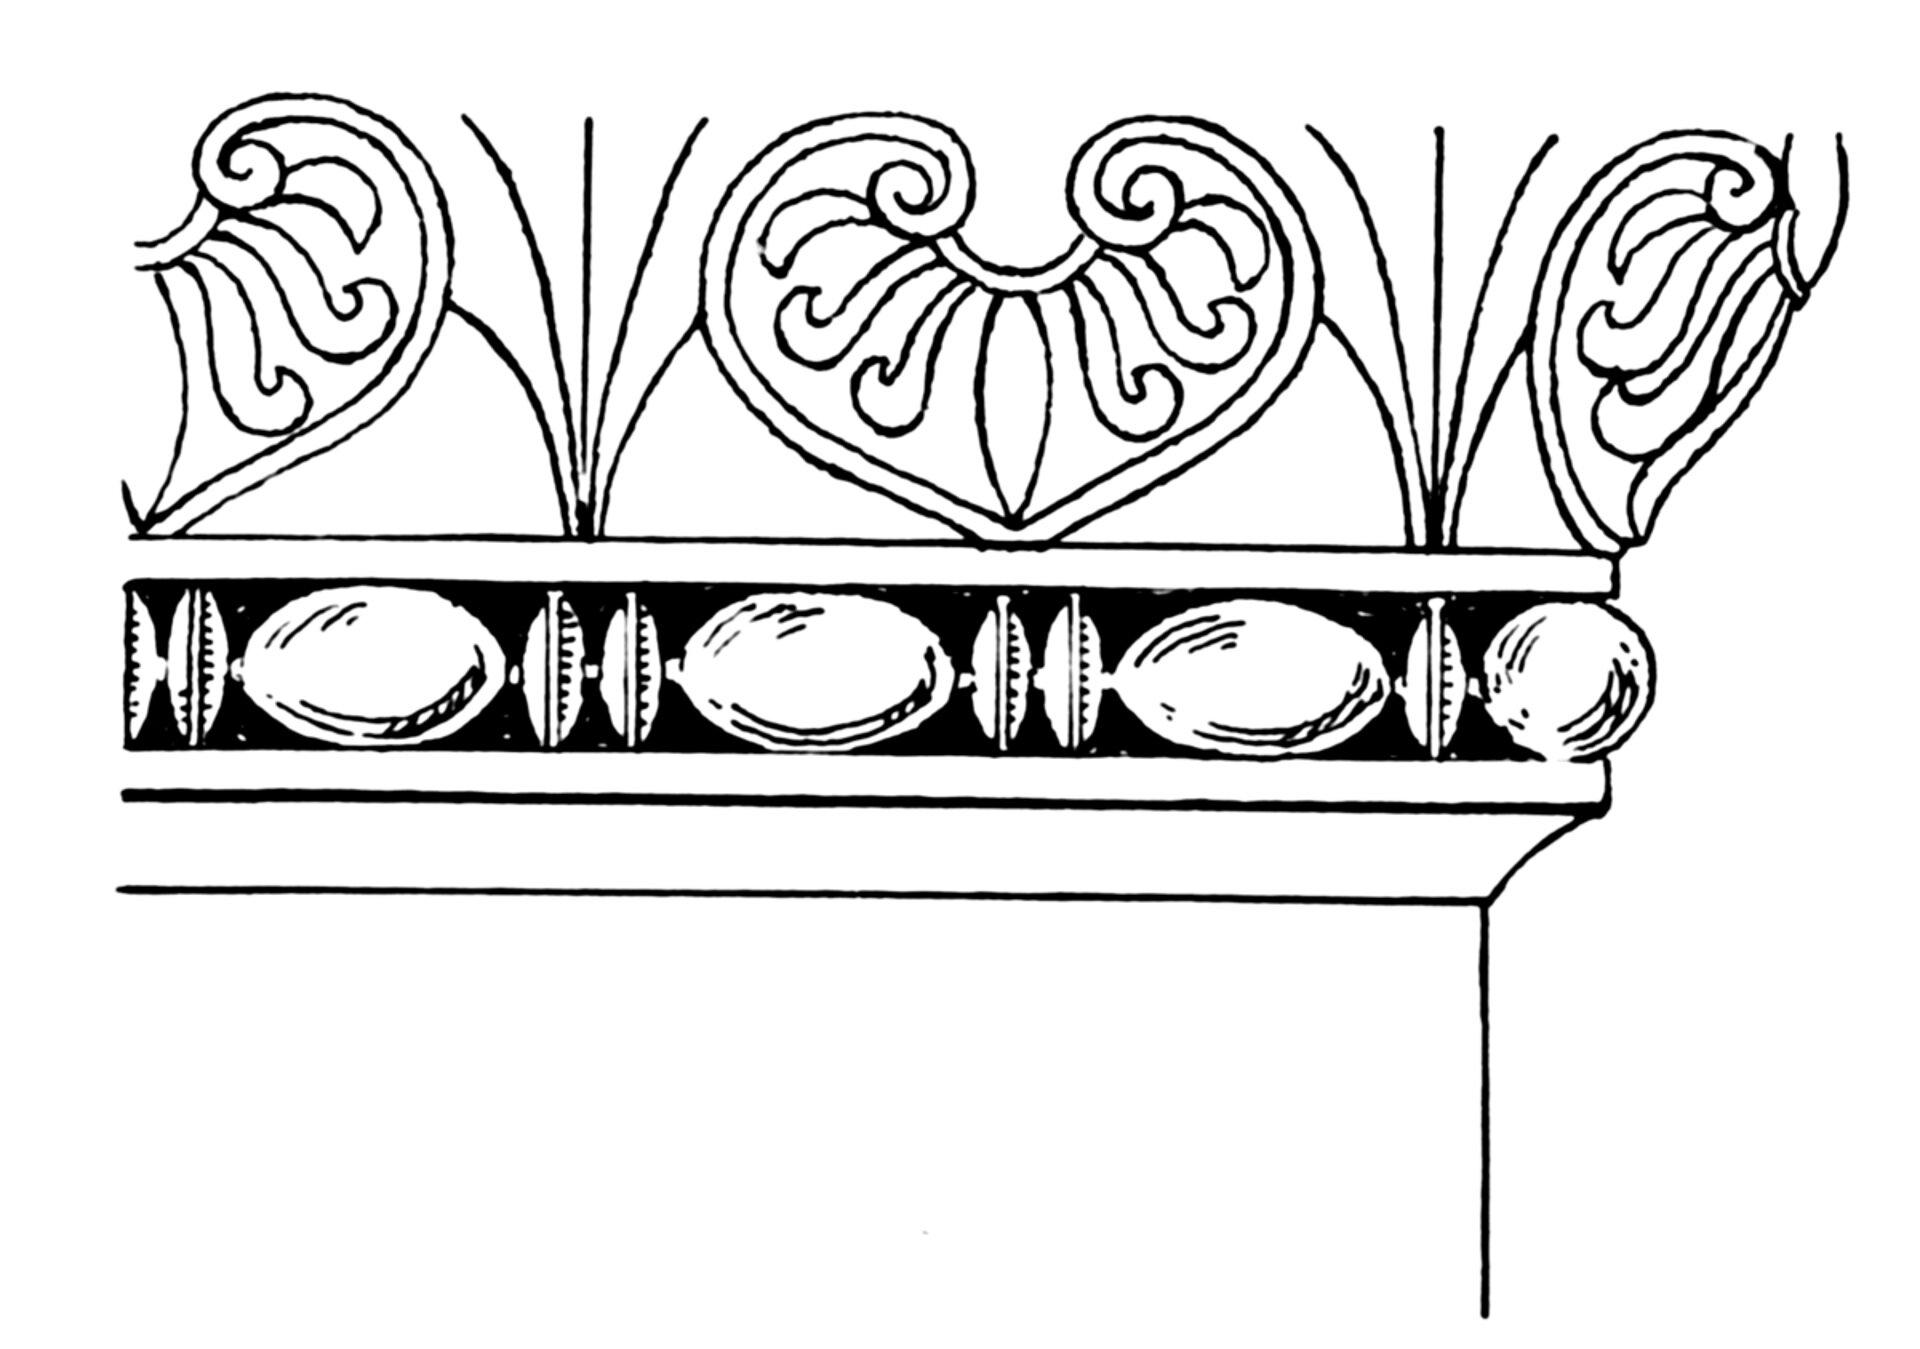 Ilustracja przedstawiająca ornament: astragal. Element dekoracyjny naszkicowany jest czarnym kolorem bez wypełenień. Ornament składa się zdwóch części. Górna część przedstawia ornament wkształcie serca. Dolna część to elementy kształtem przypominające cytrynę.